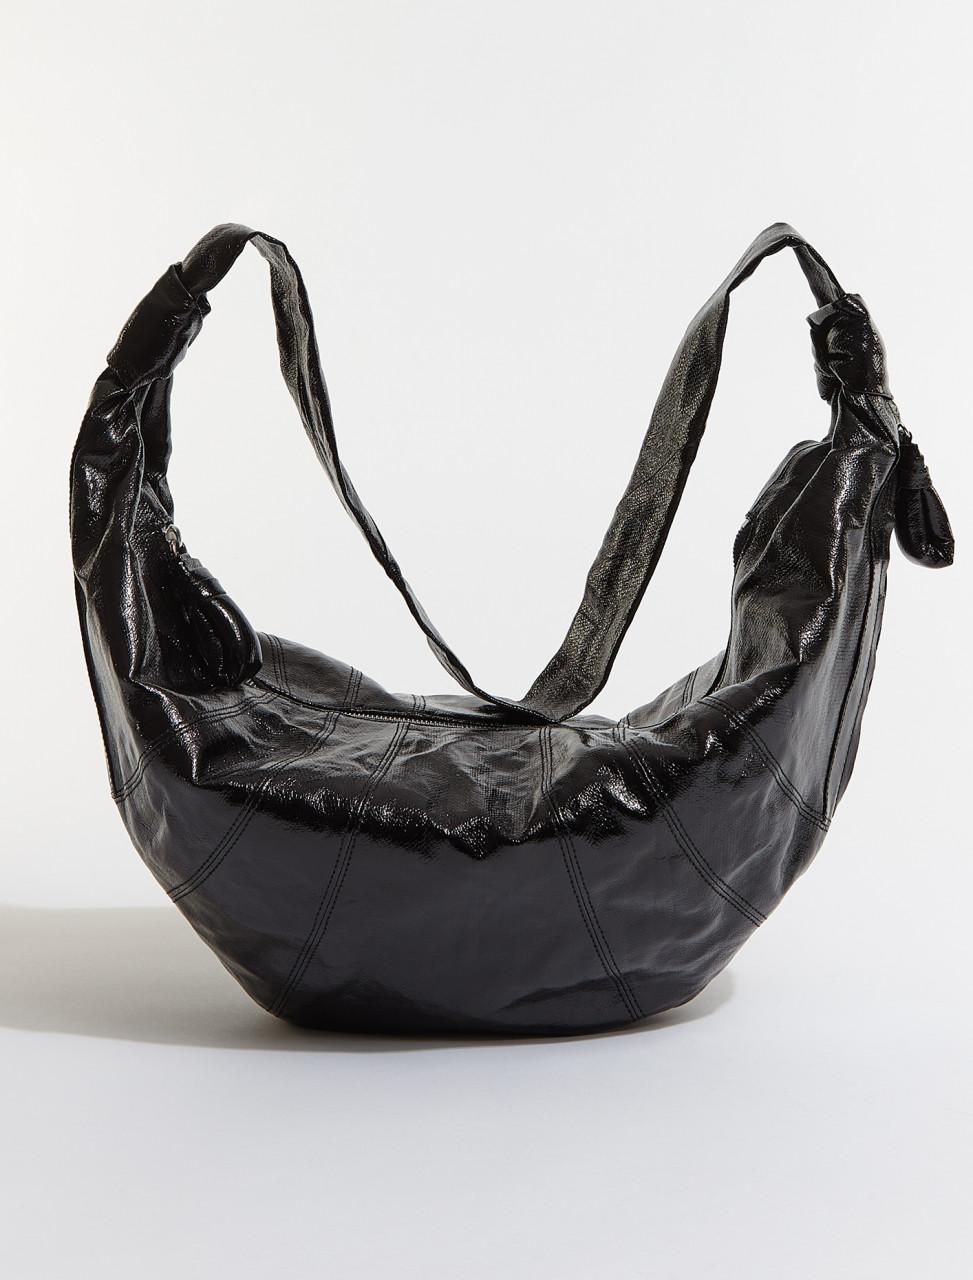 X-CAO-BG252-LF345-999 LEMAIRE LARGE CROISSANT BAG IN VINYL BLACK